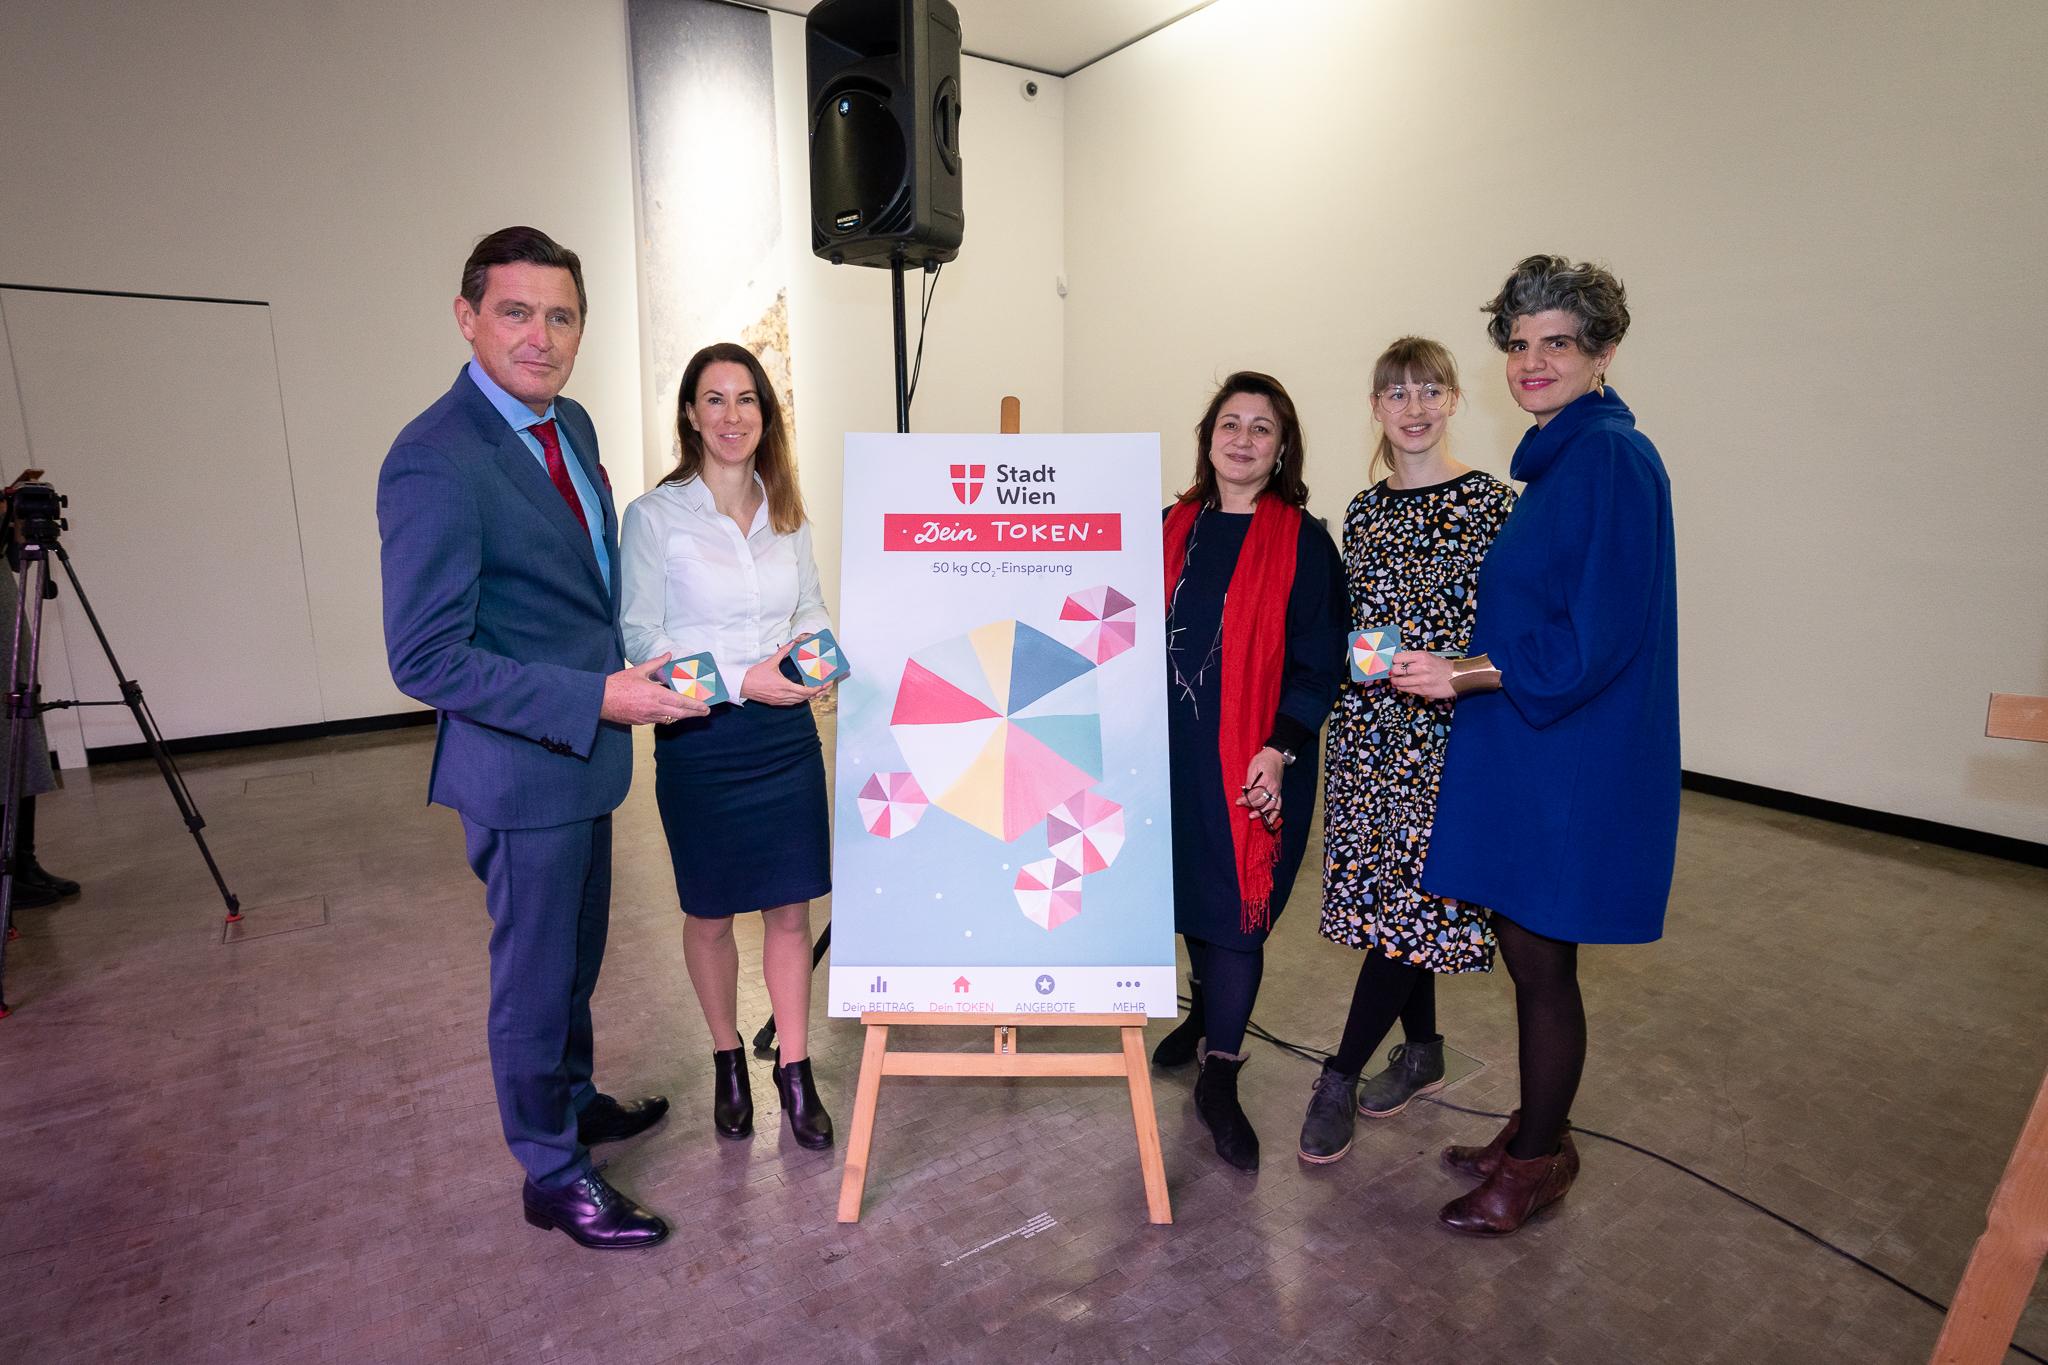 Wien belohnt die Nutzung von ÖPNV mit Konzerttickets